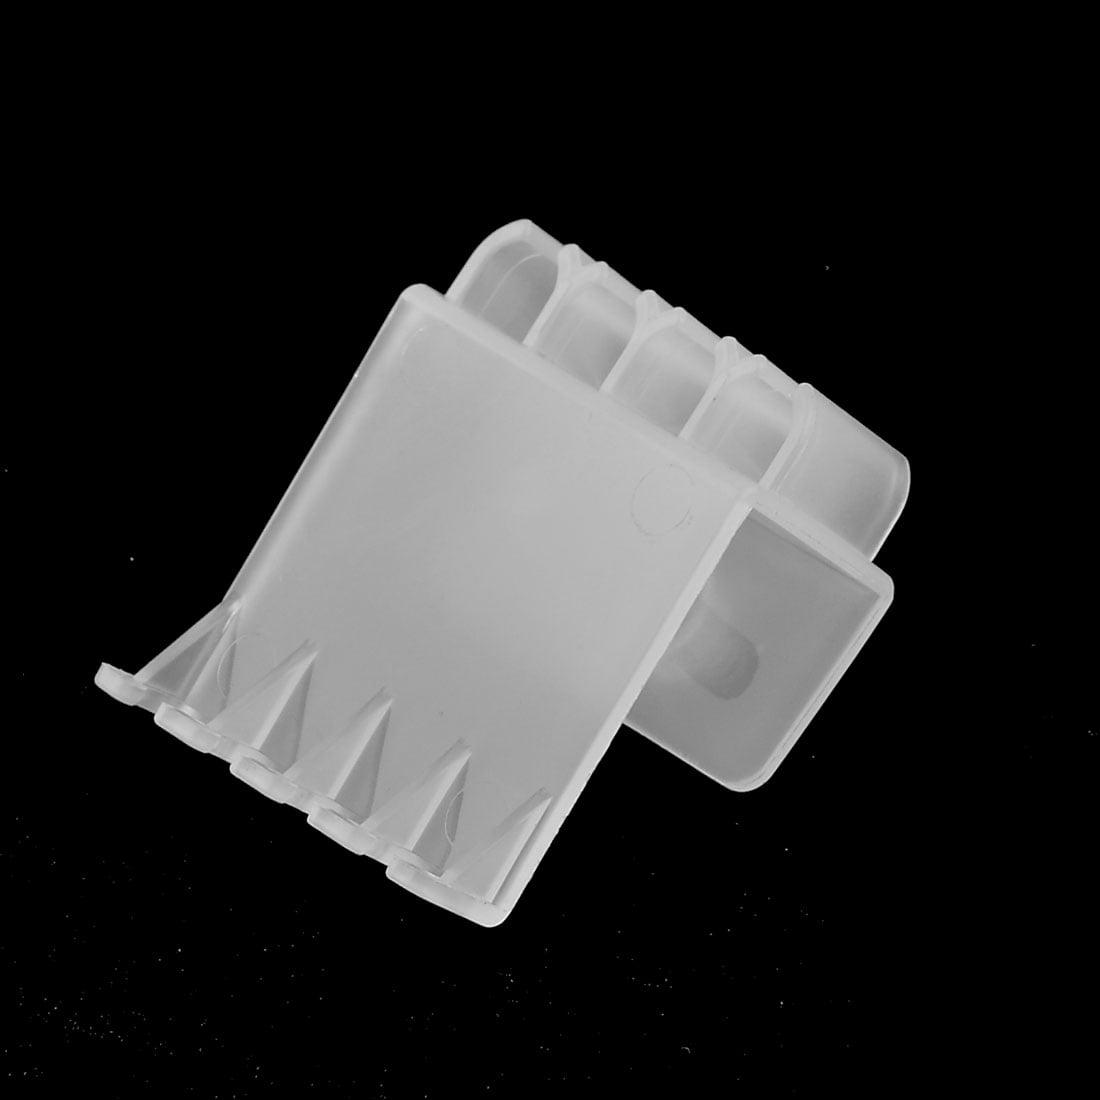 Aquarium fish tank plastic cover - Plastic Aquarium Fish Tank Clips Glass Cover Clamp Support Holder White Previous